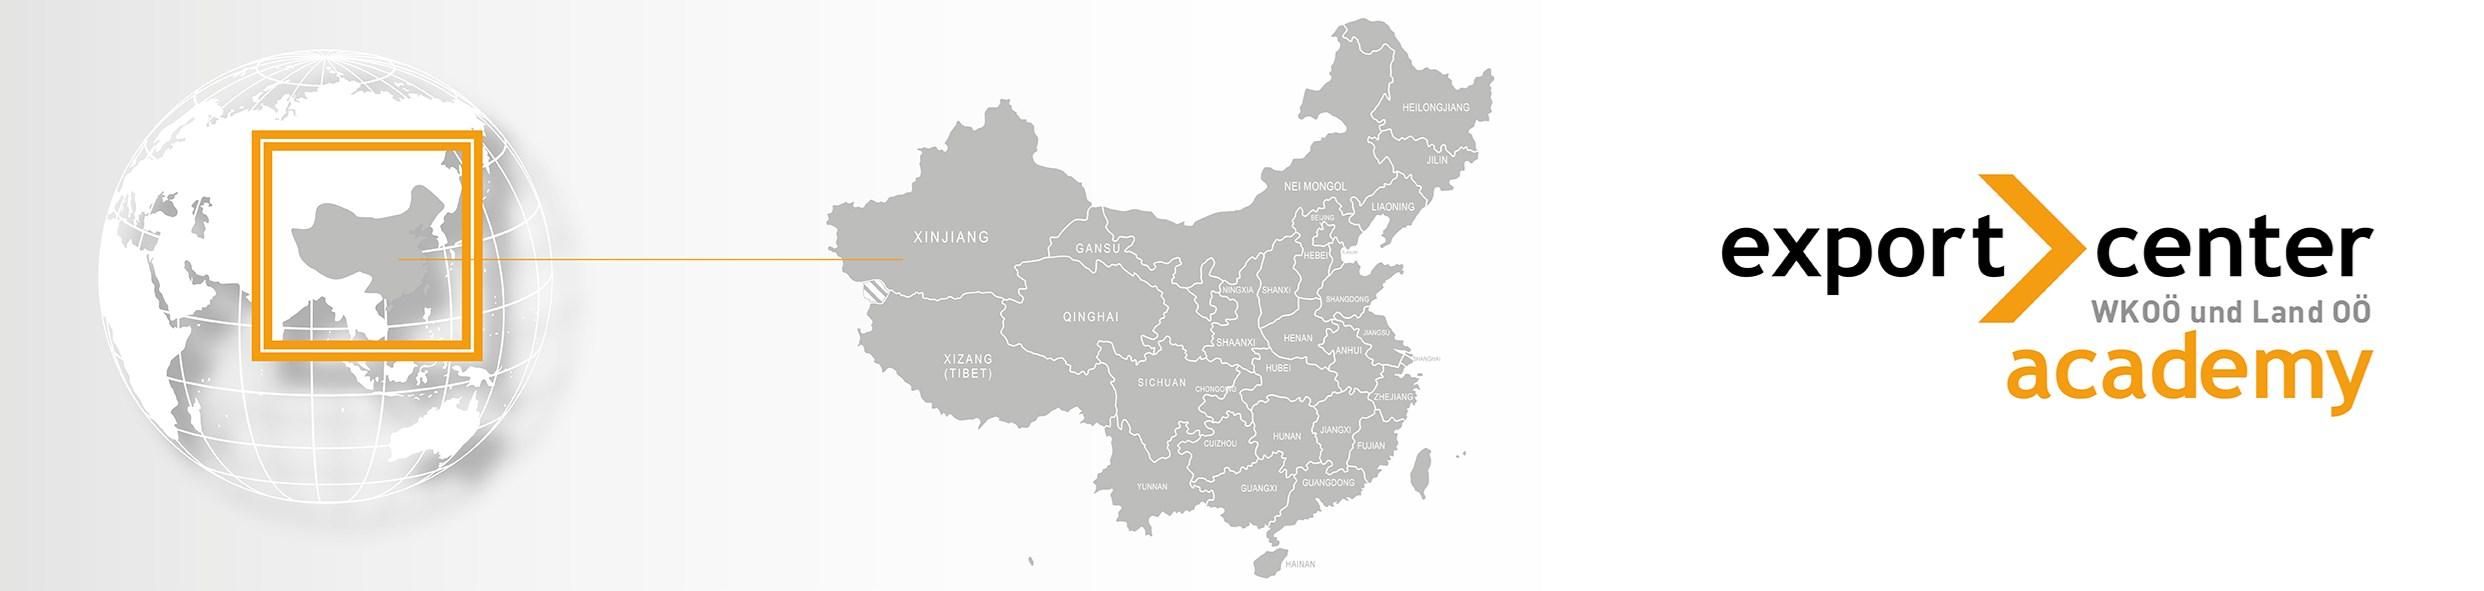 header_mailworx_chinaspecial